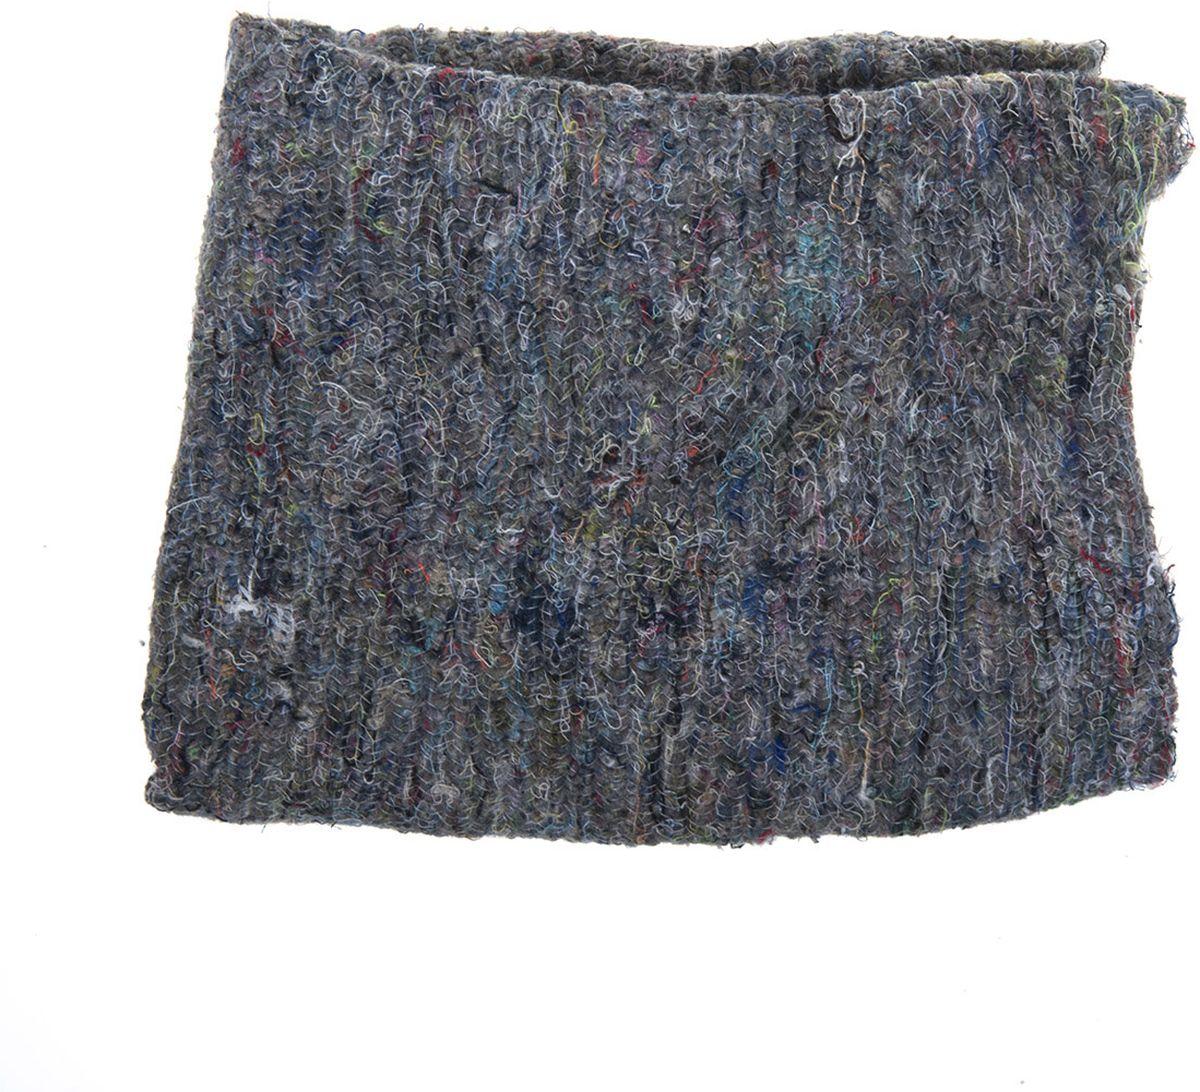 Тряпка для пола HomeQueen, цвет: серый, 40 х 50 см68862Тряпка для пола х/б 40смх50см без упаковки/40/10